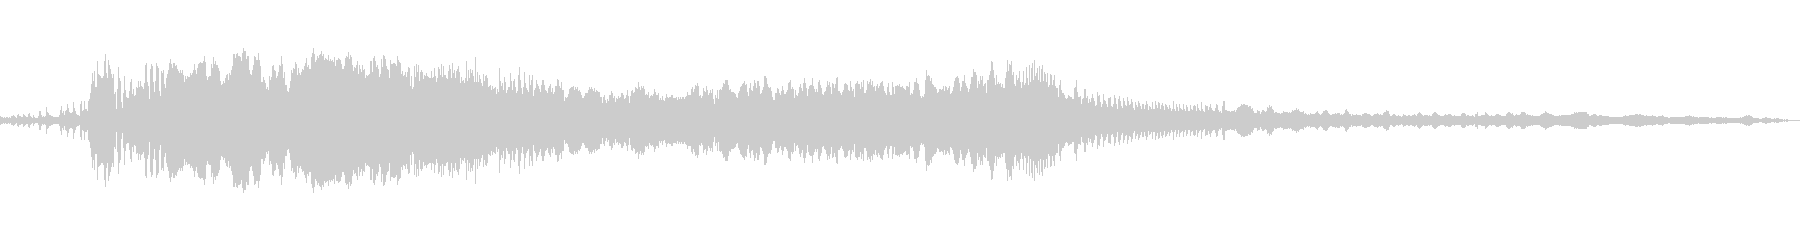 パイパーツインプロップ:スタートエ...の未再生の波形